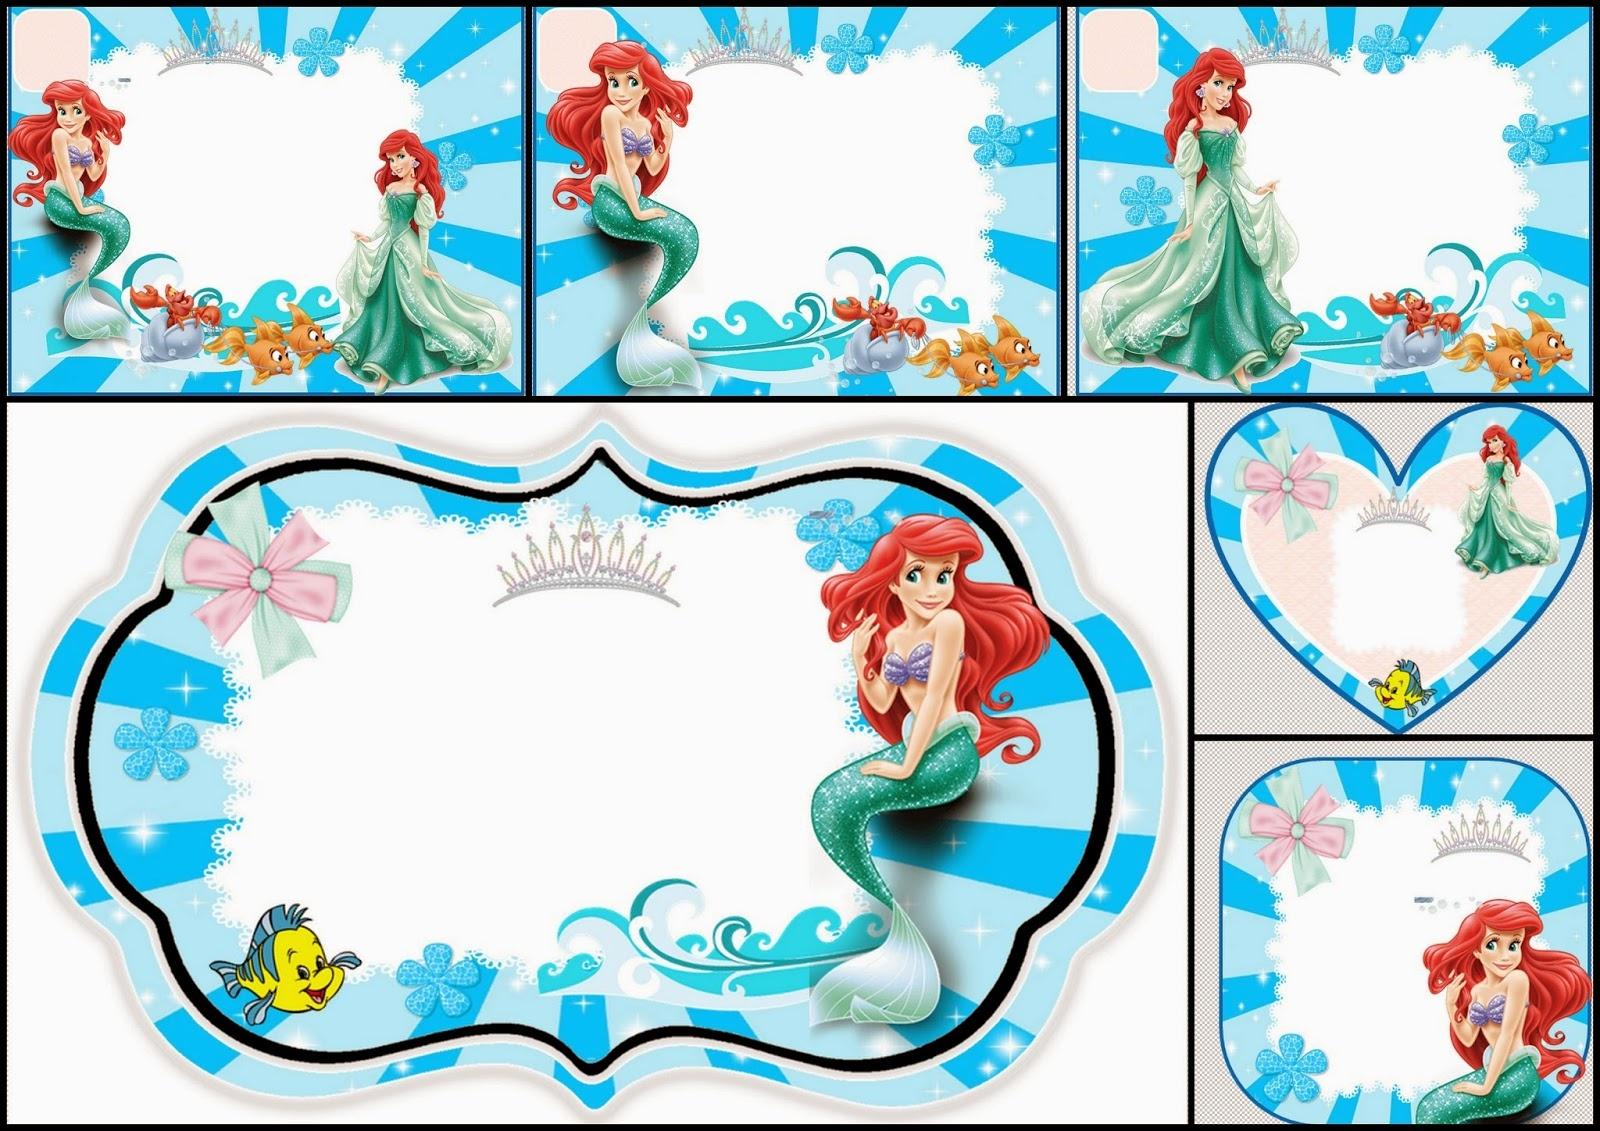 The Little Mermaid Free Printable Invitations, Cards Or Photo Frames - Free Little Mermaid Printable Invitations